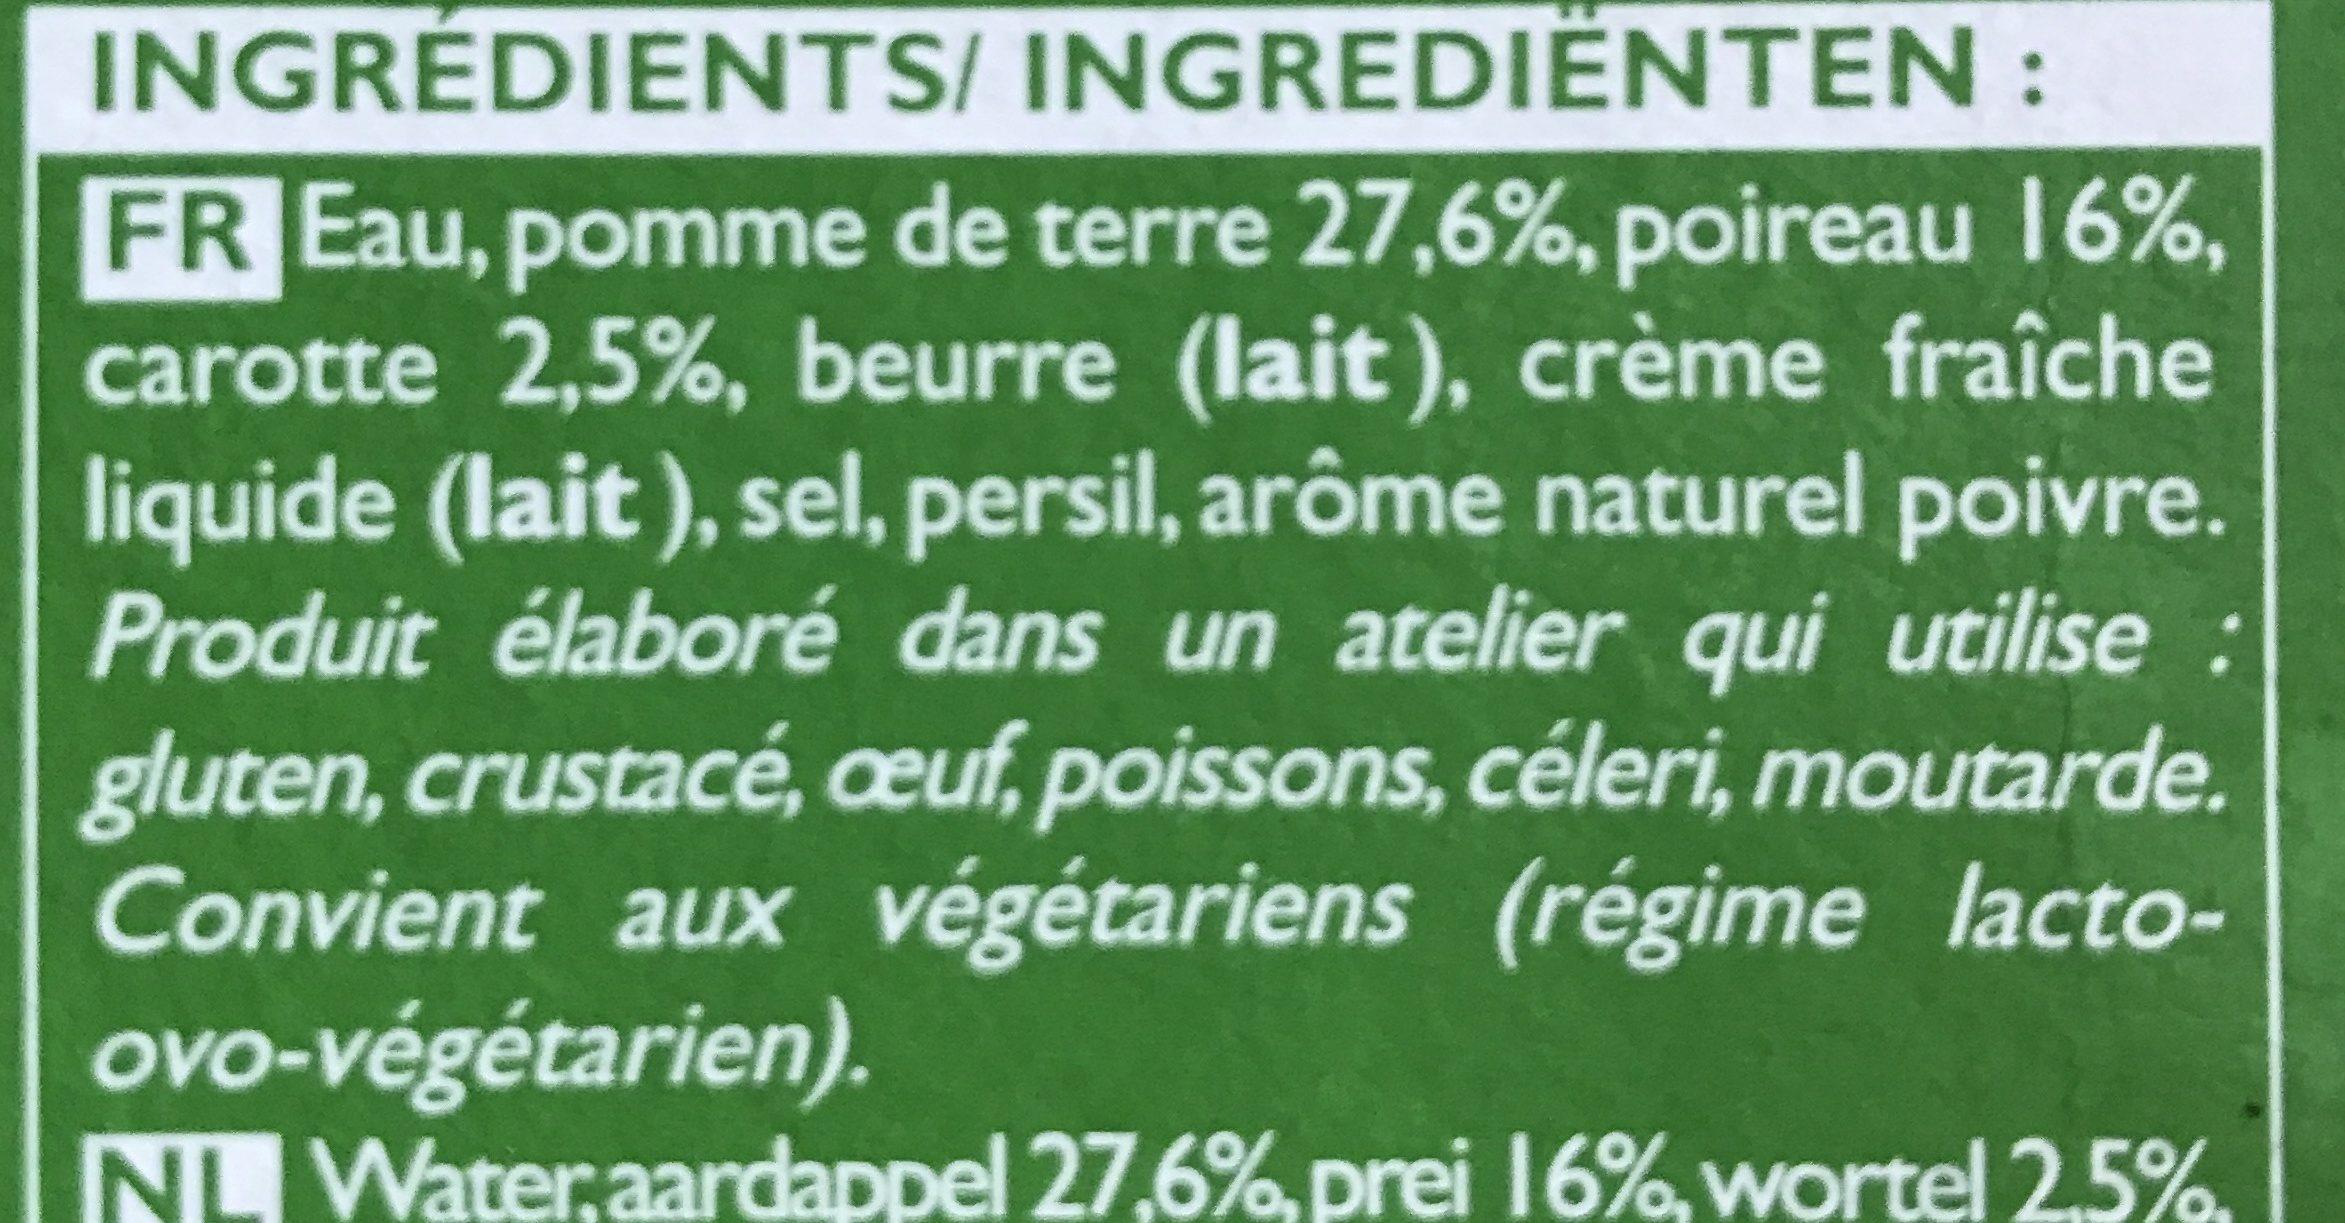 So Soupe Poireau Pomme de Terre - Ingrediënten